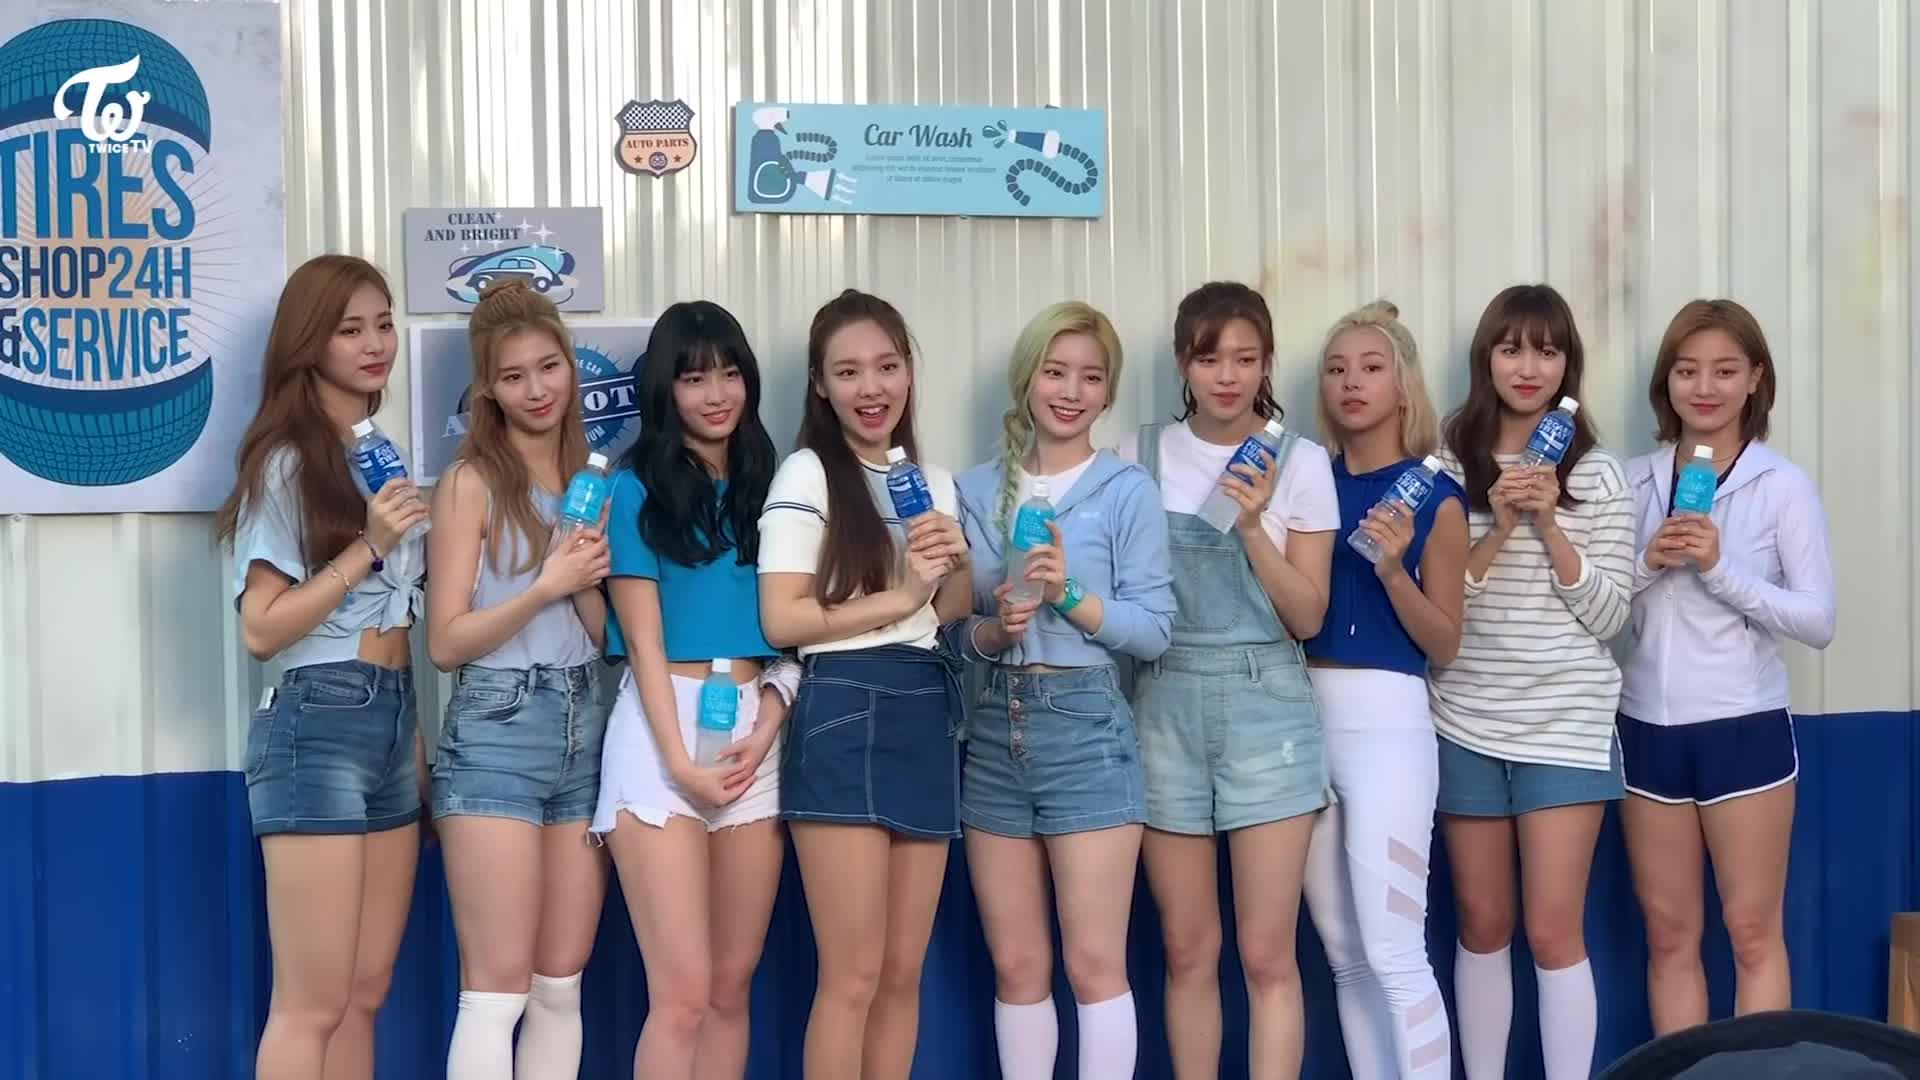 celebs, dahyun, jihyo, kpop, sana, twice, TWICE GIFs